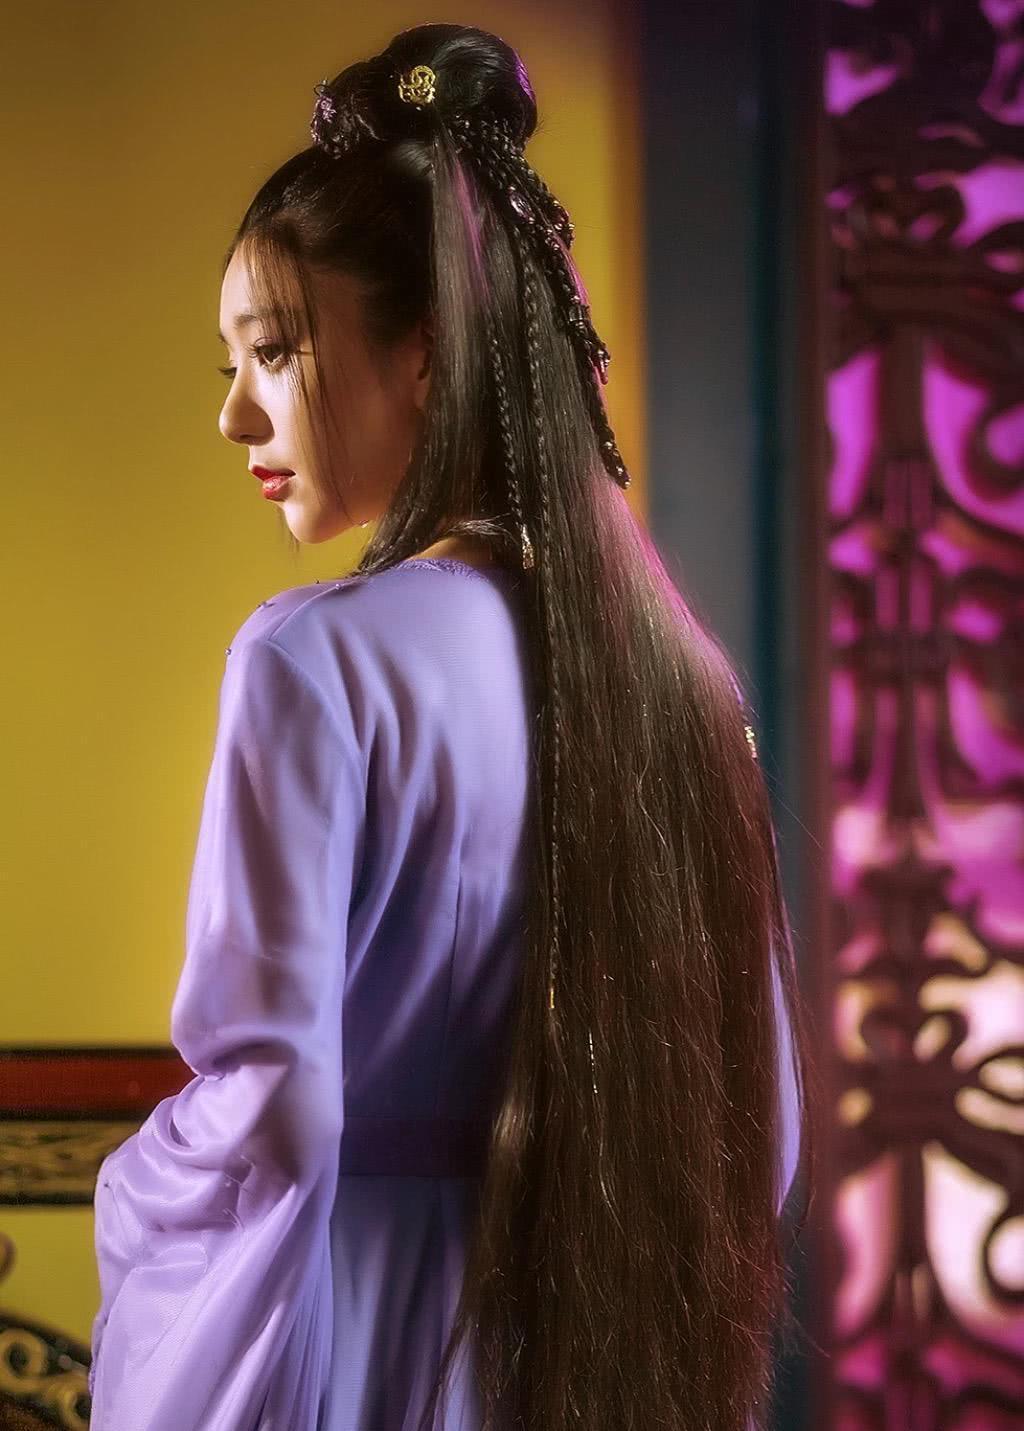 比王丽坤版苏妲己更加尴尬的是吴谨言版,剧中女配都要比她美